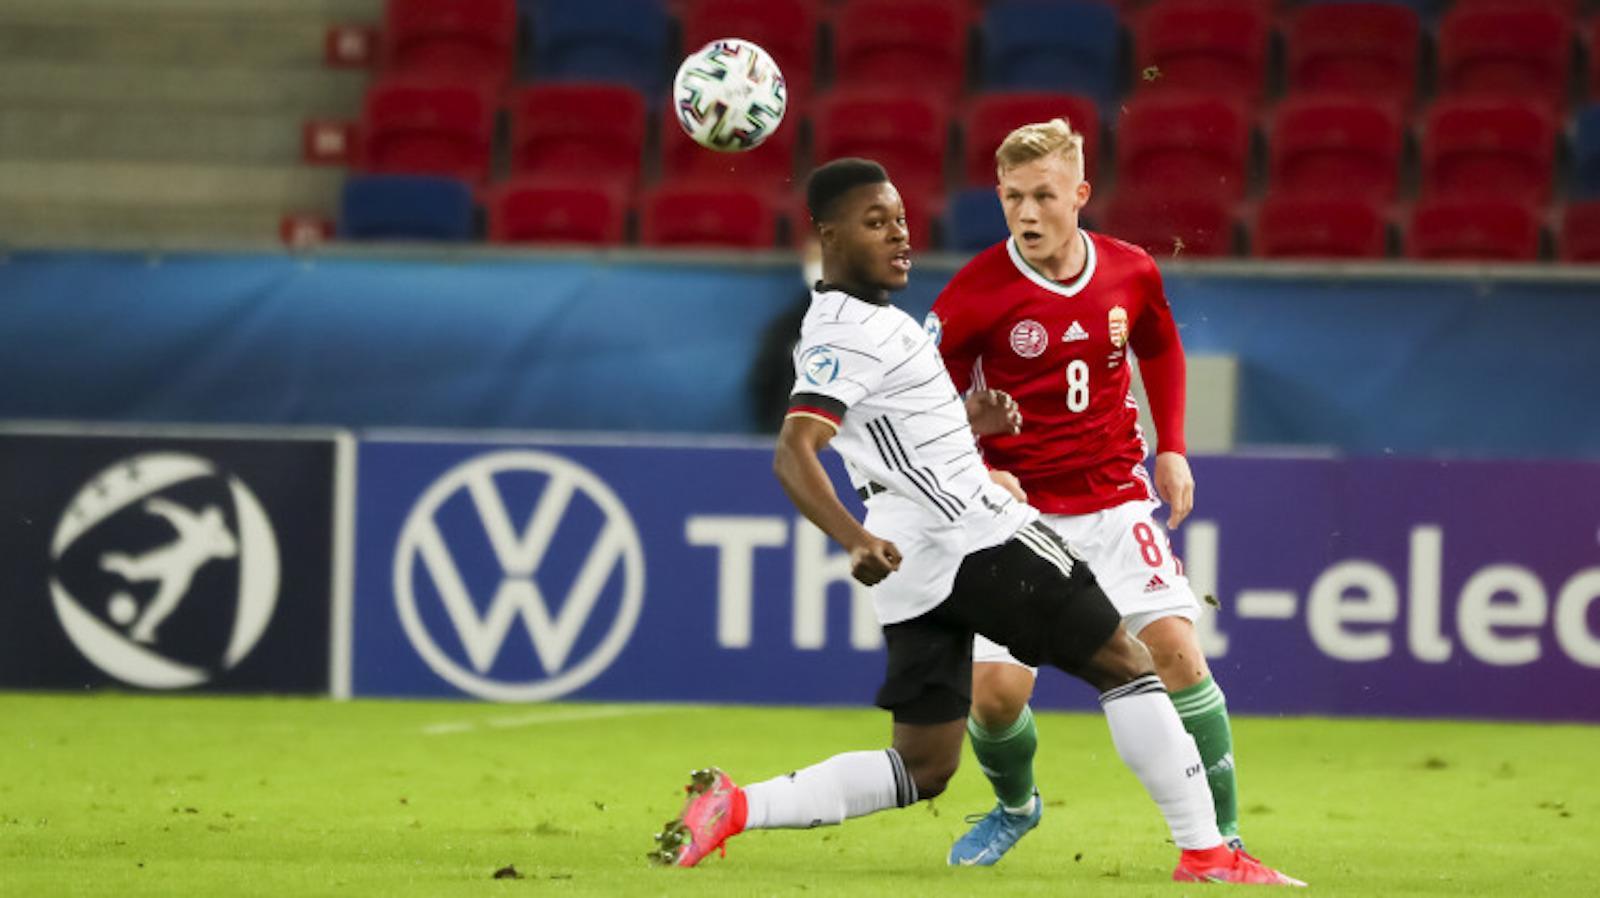 Többen is lehetőséget kaptak az U21-es Eb első magyar meccsén (képgaléria)